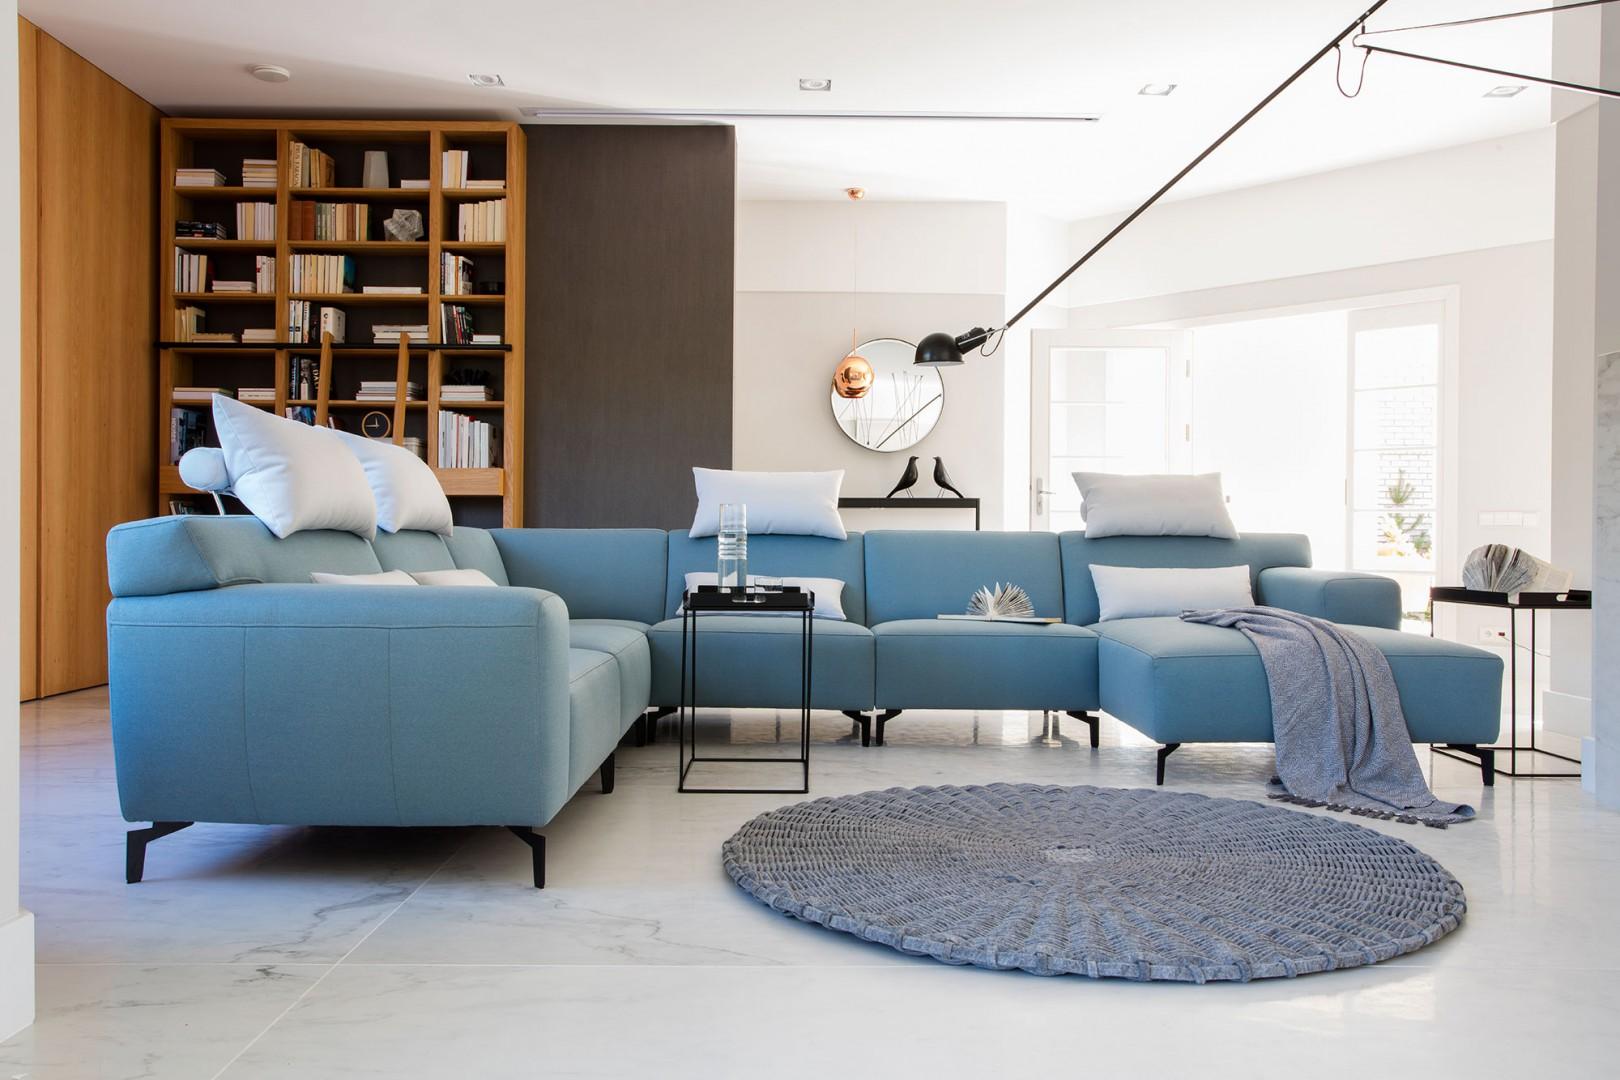 Urządzamy Sofa W Salonie śliczne Propozycje W Kolorze Niebieskim